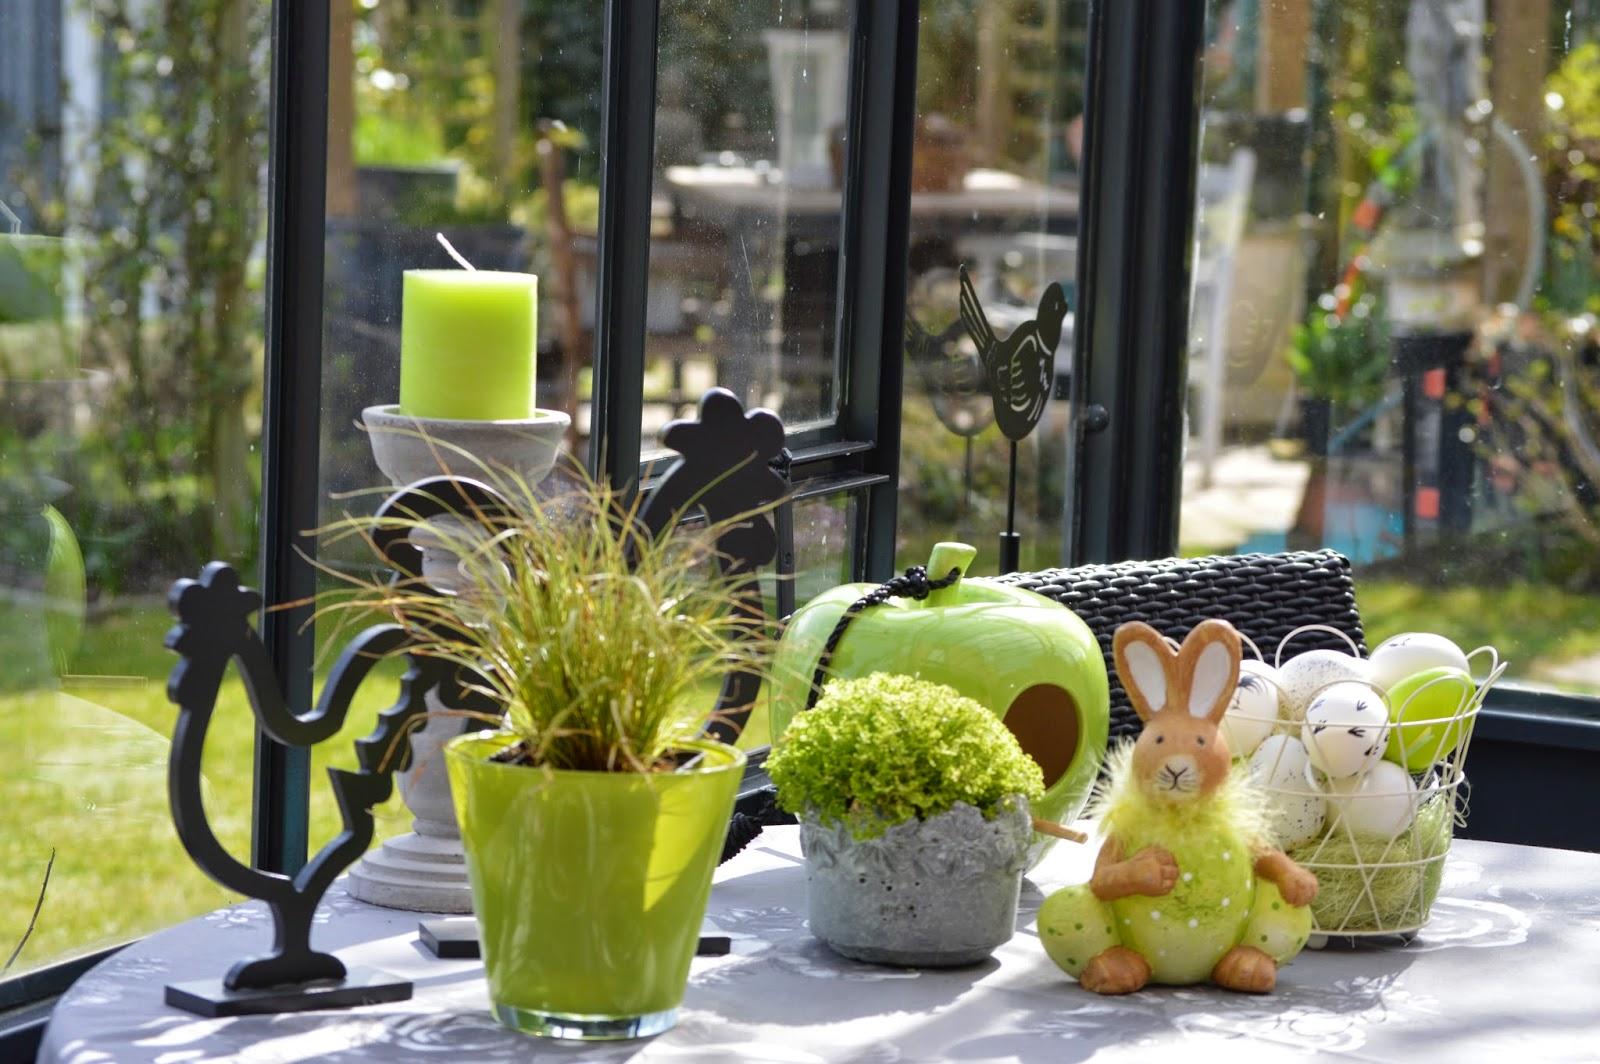 Passionnément jardin: Décorations pour les fêtes de Pâques